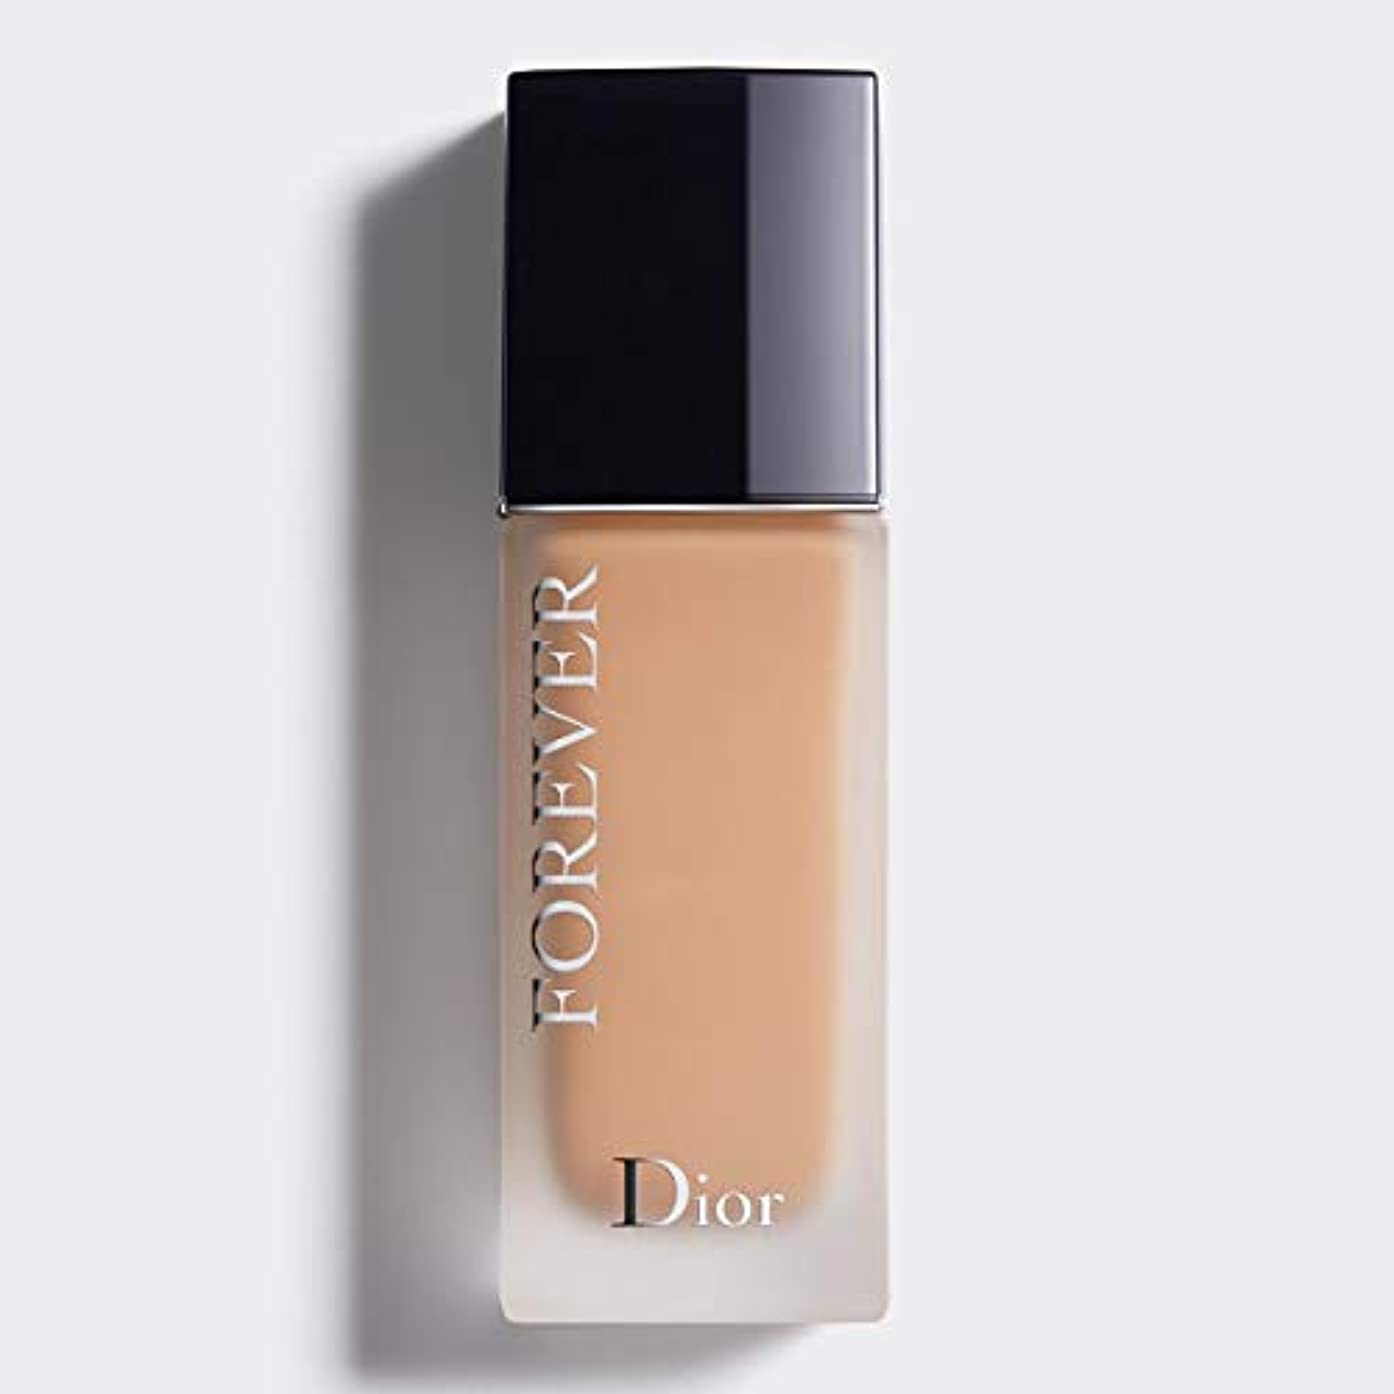 警察ピジン佐賀クリスチャンディオール Dior Forever 24H Wear High Perfection Foundation SPF 35 - # 3.5N (Neutral) 30ml/1oz並行輸入品